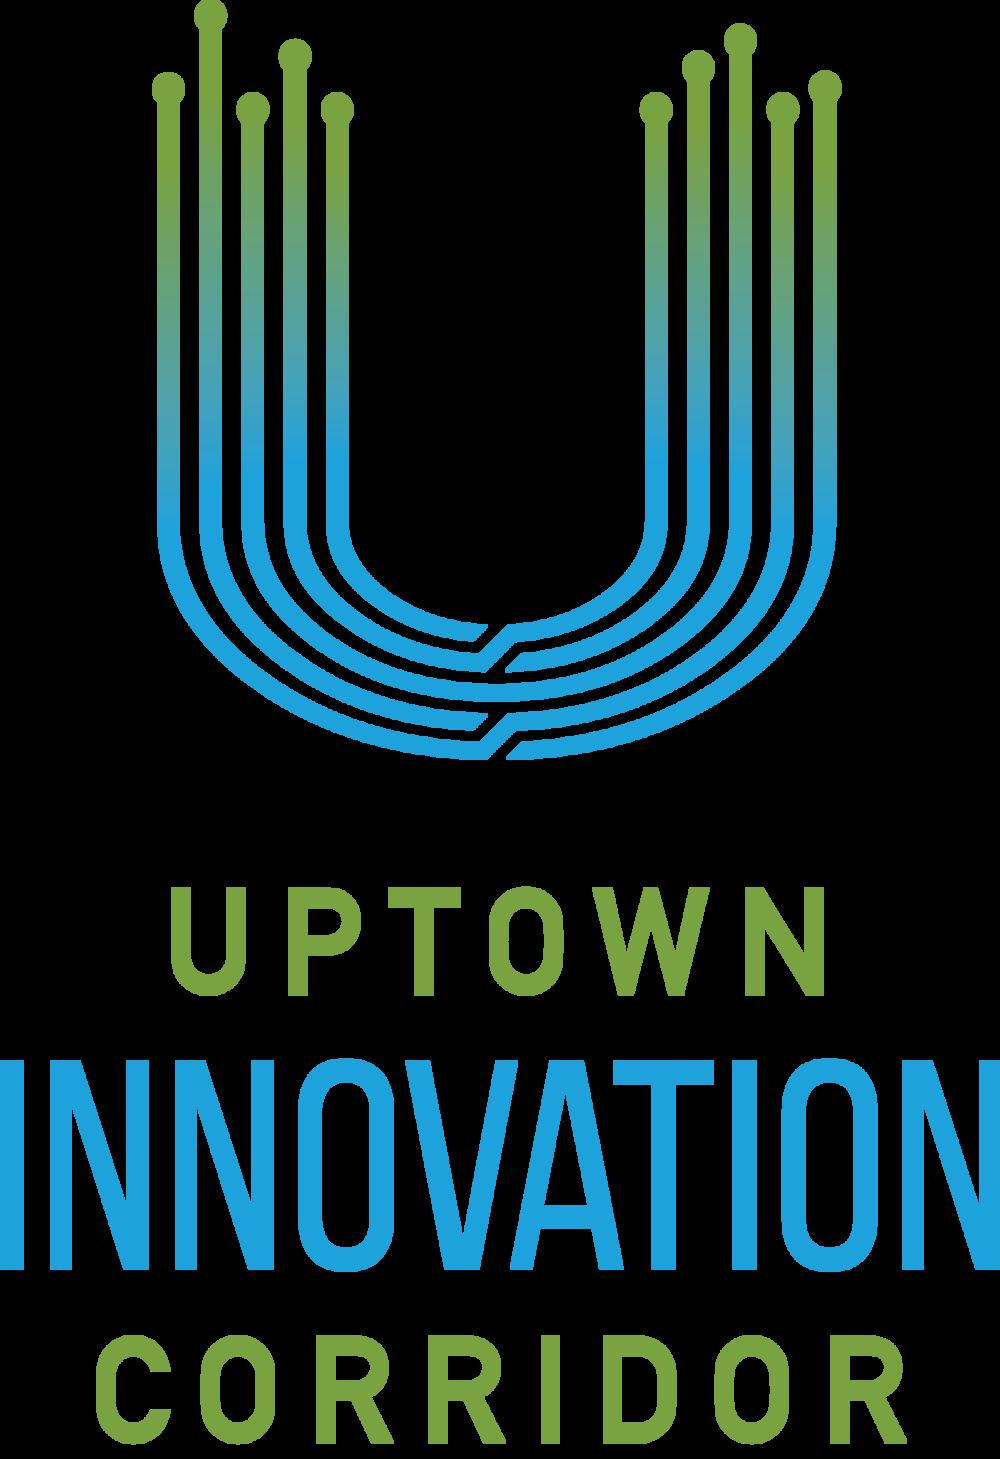 Uptown Innovation Corridor logo